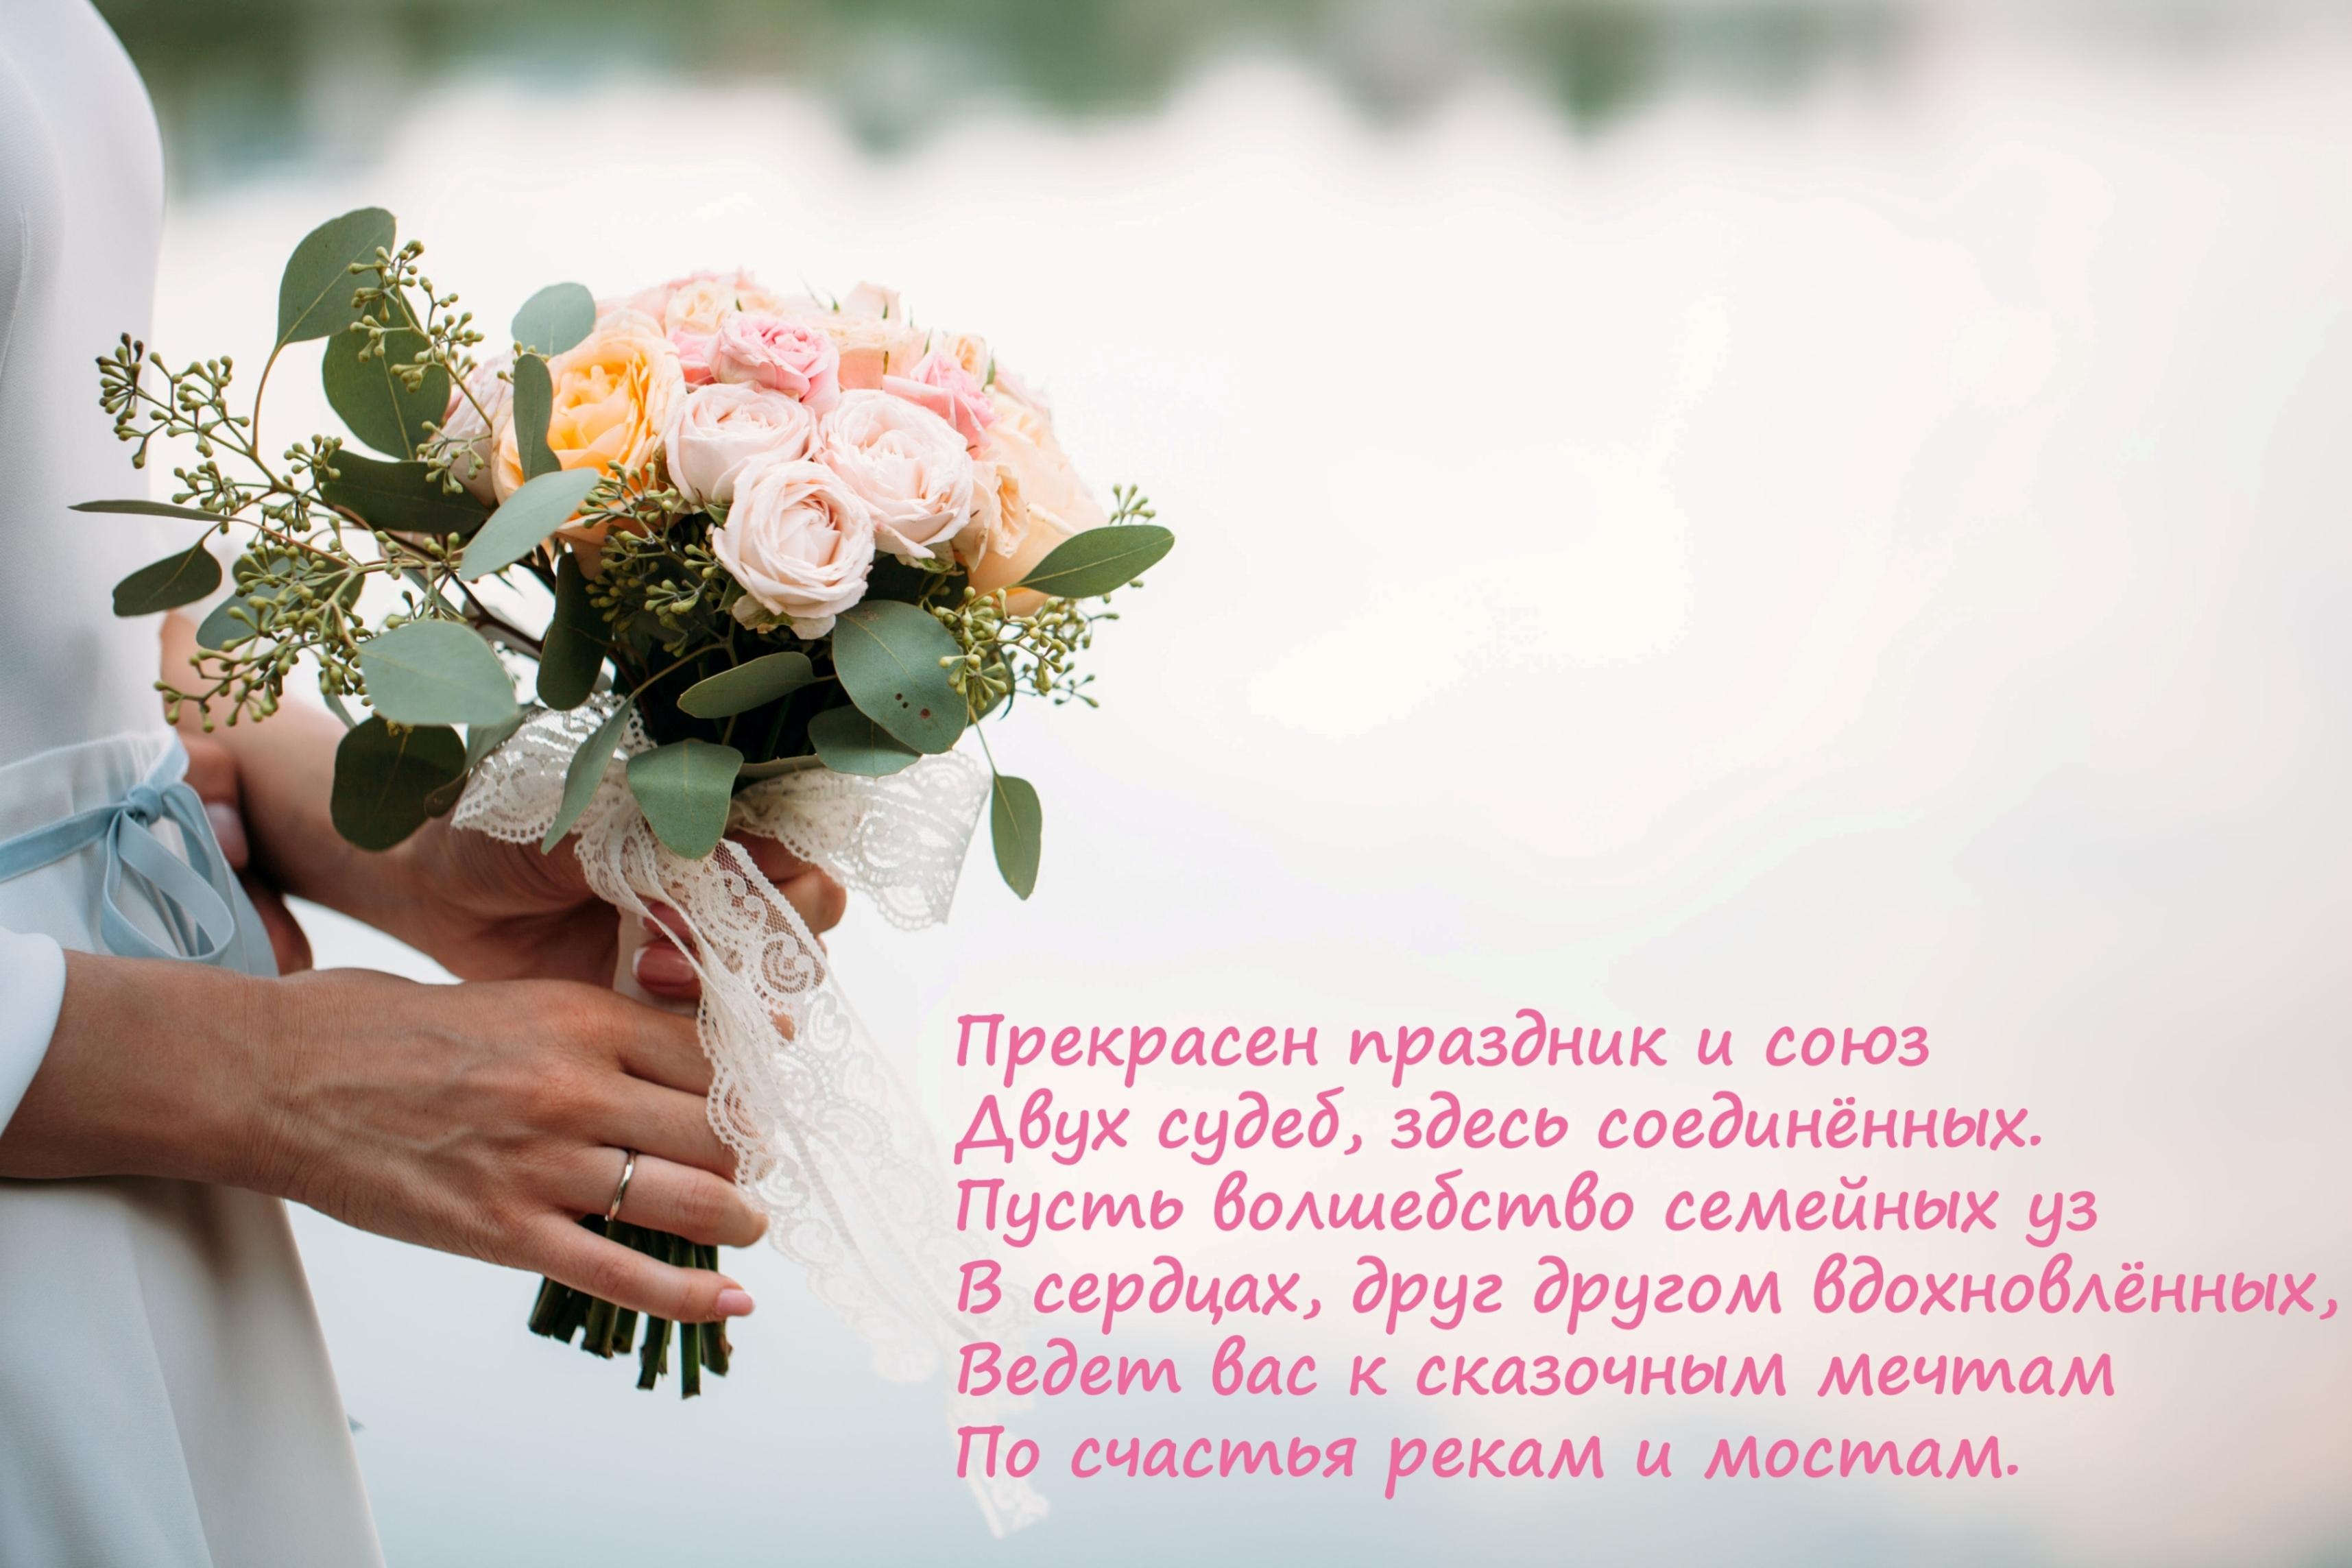 Поздравления с днем свадьбы в четверостишьях фото 266